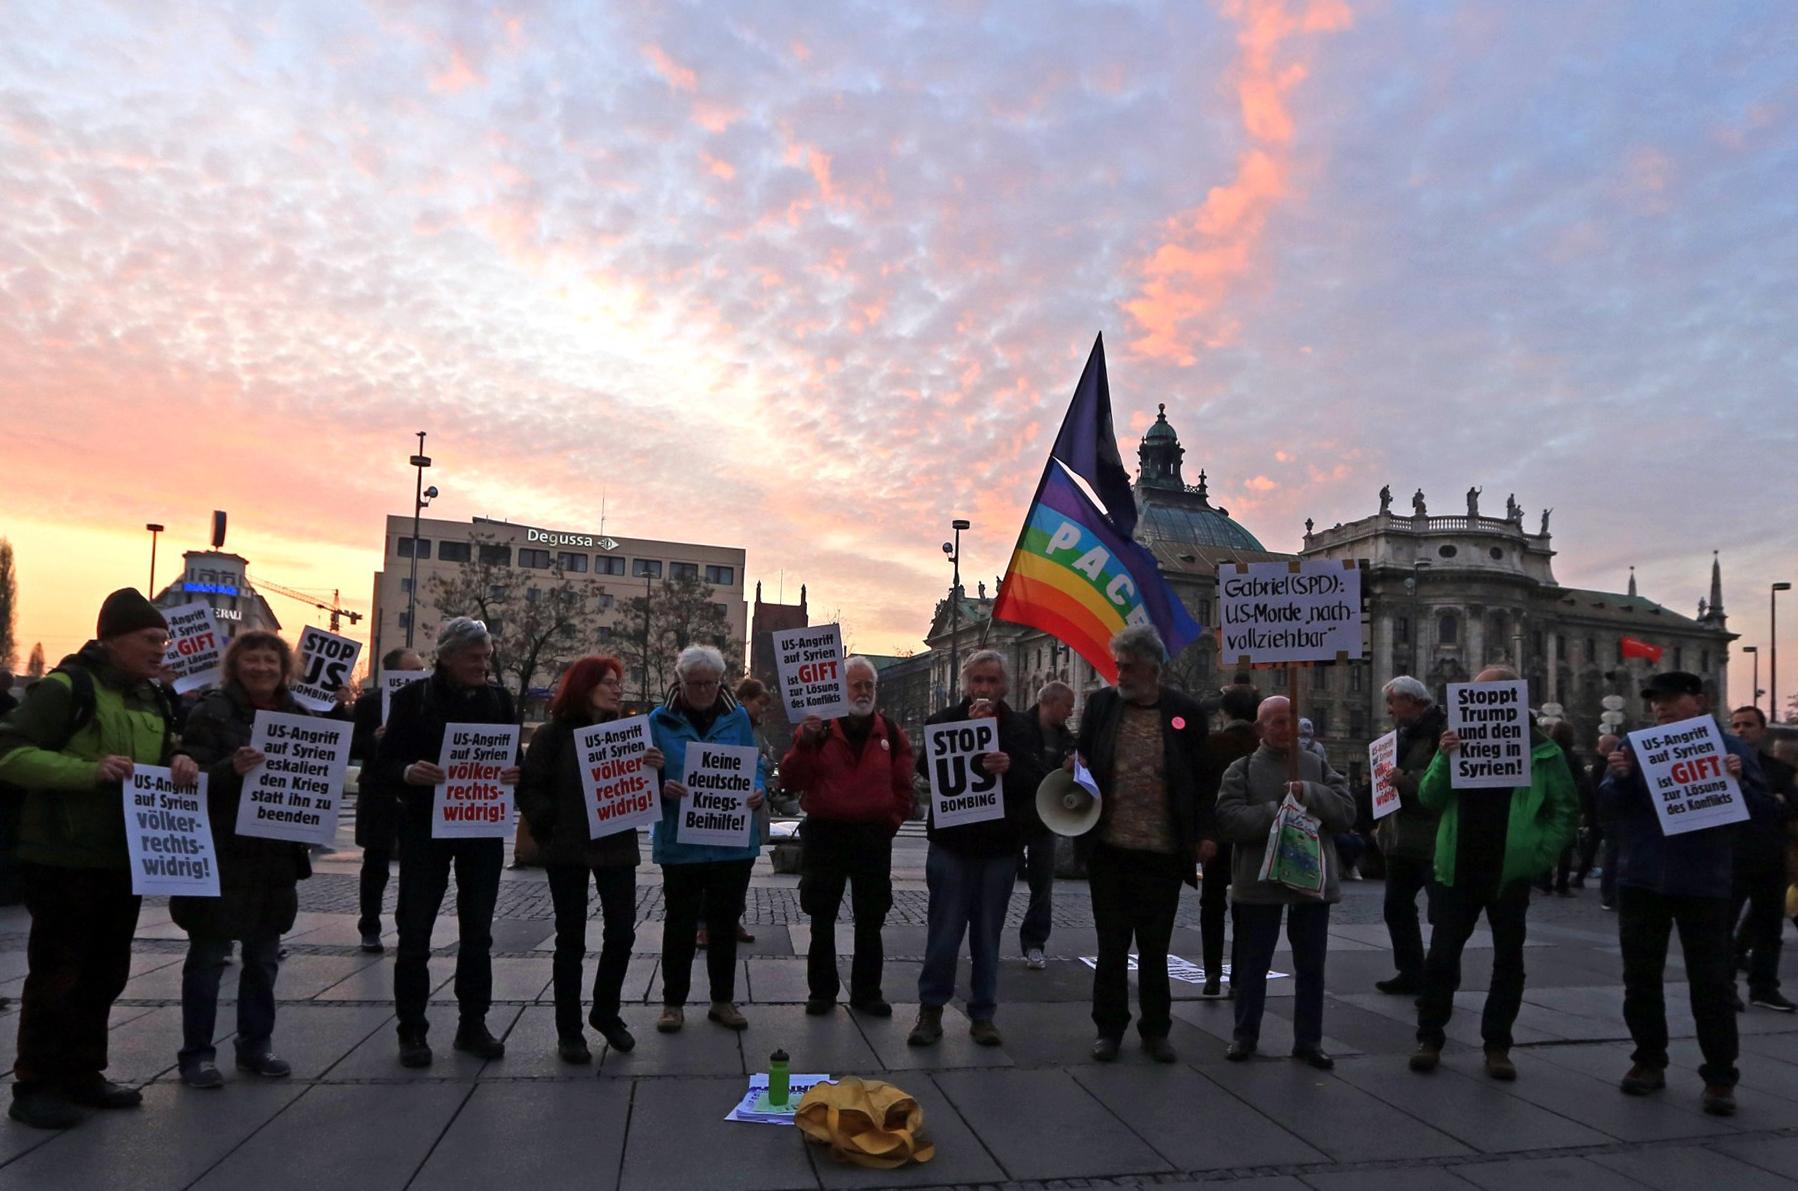 Bearb-Stachus-05-Kundgebung gegen US-Angriff auf Syrien am 7 April 2017_von Alex-lintension